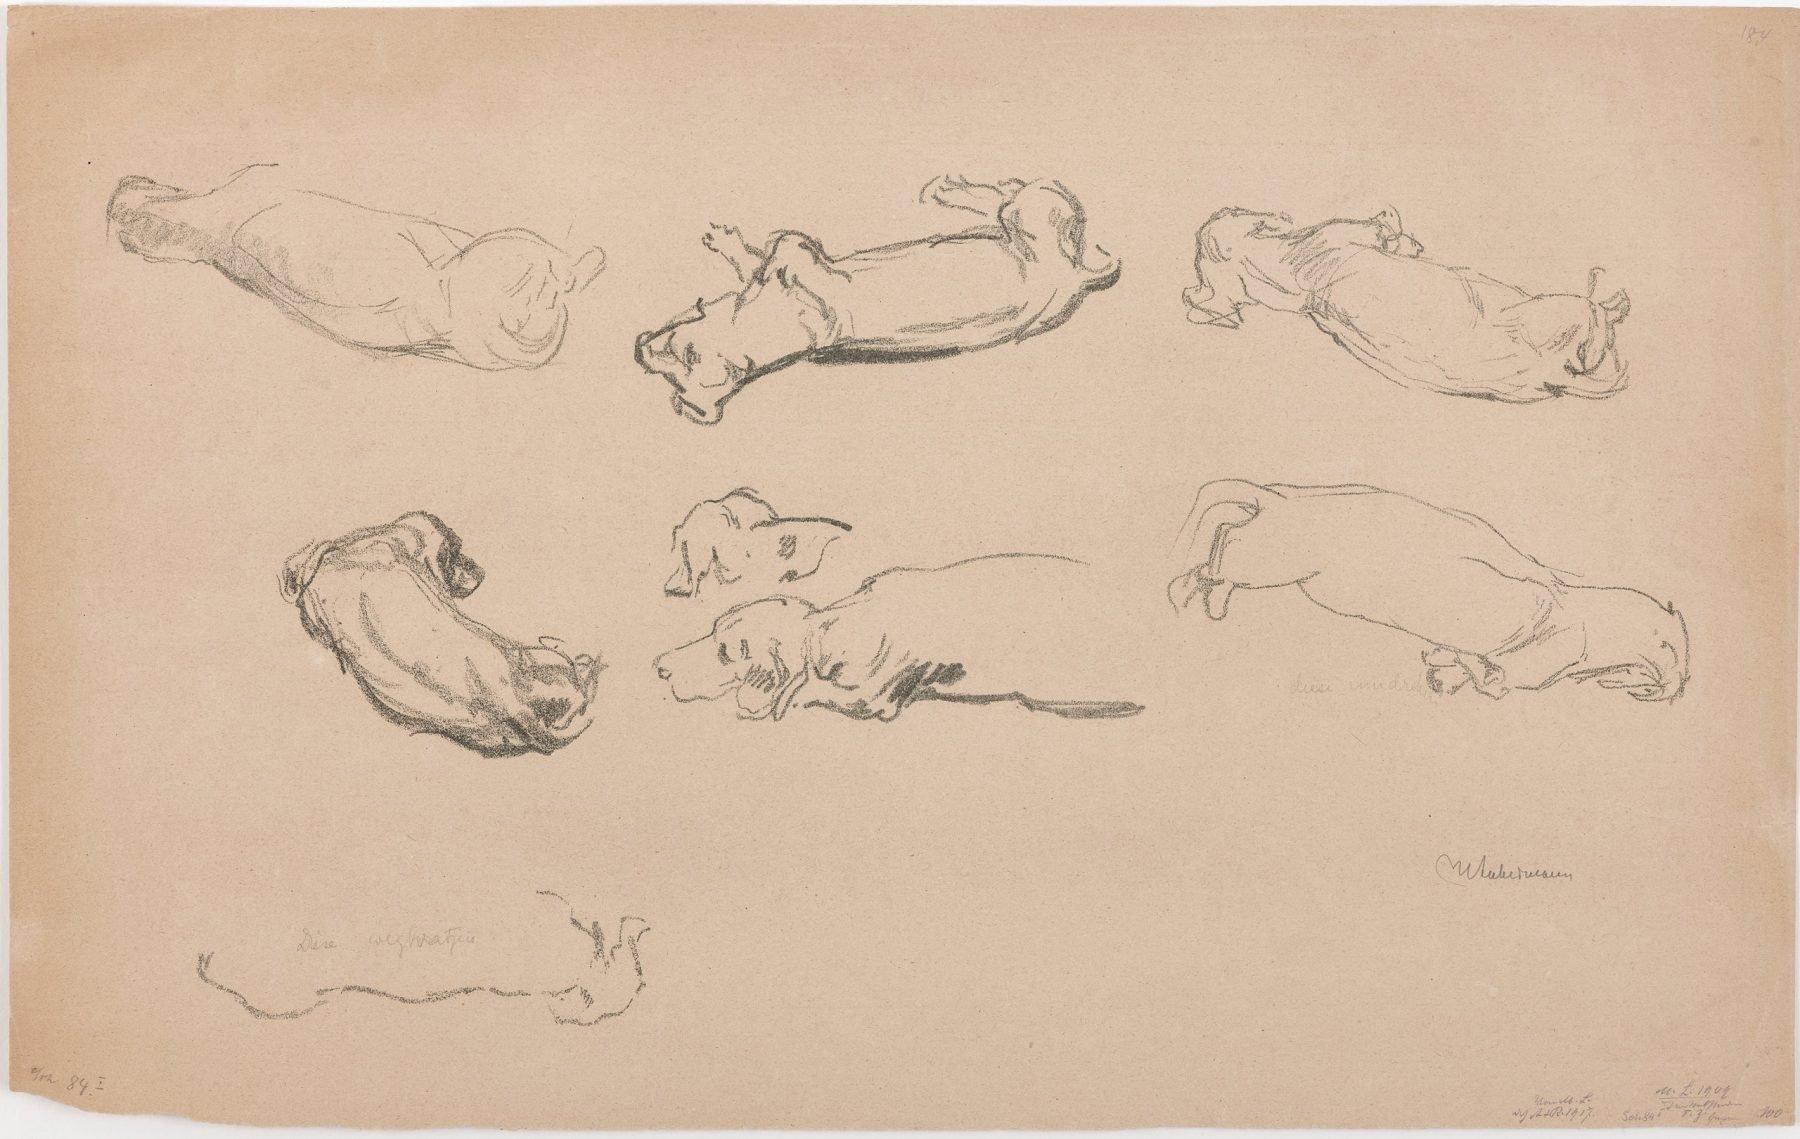 Das Blatt zeigt acht Skizzen eines Dackels in verschiedenen Liegepositionen.